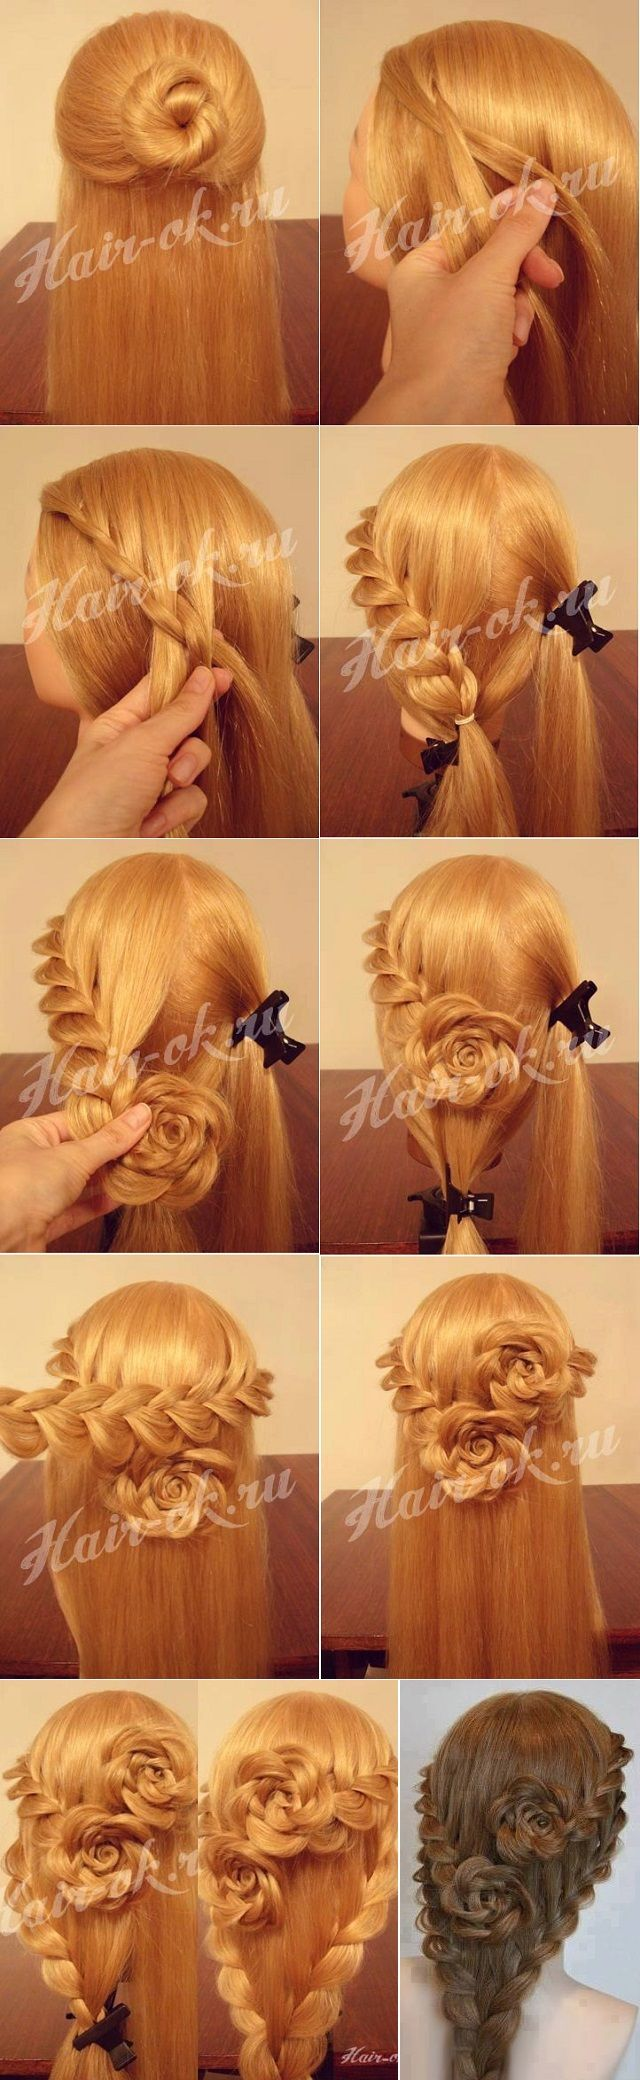 rose bud flower braid hairstyle tutorial11 Como hacer un peinado de rosa con trenzas.